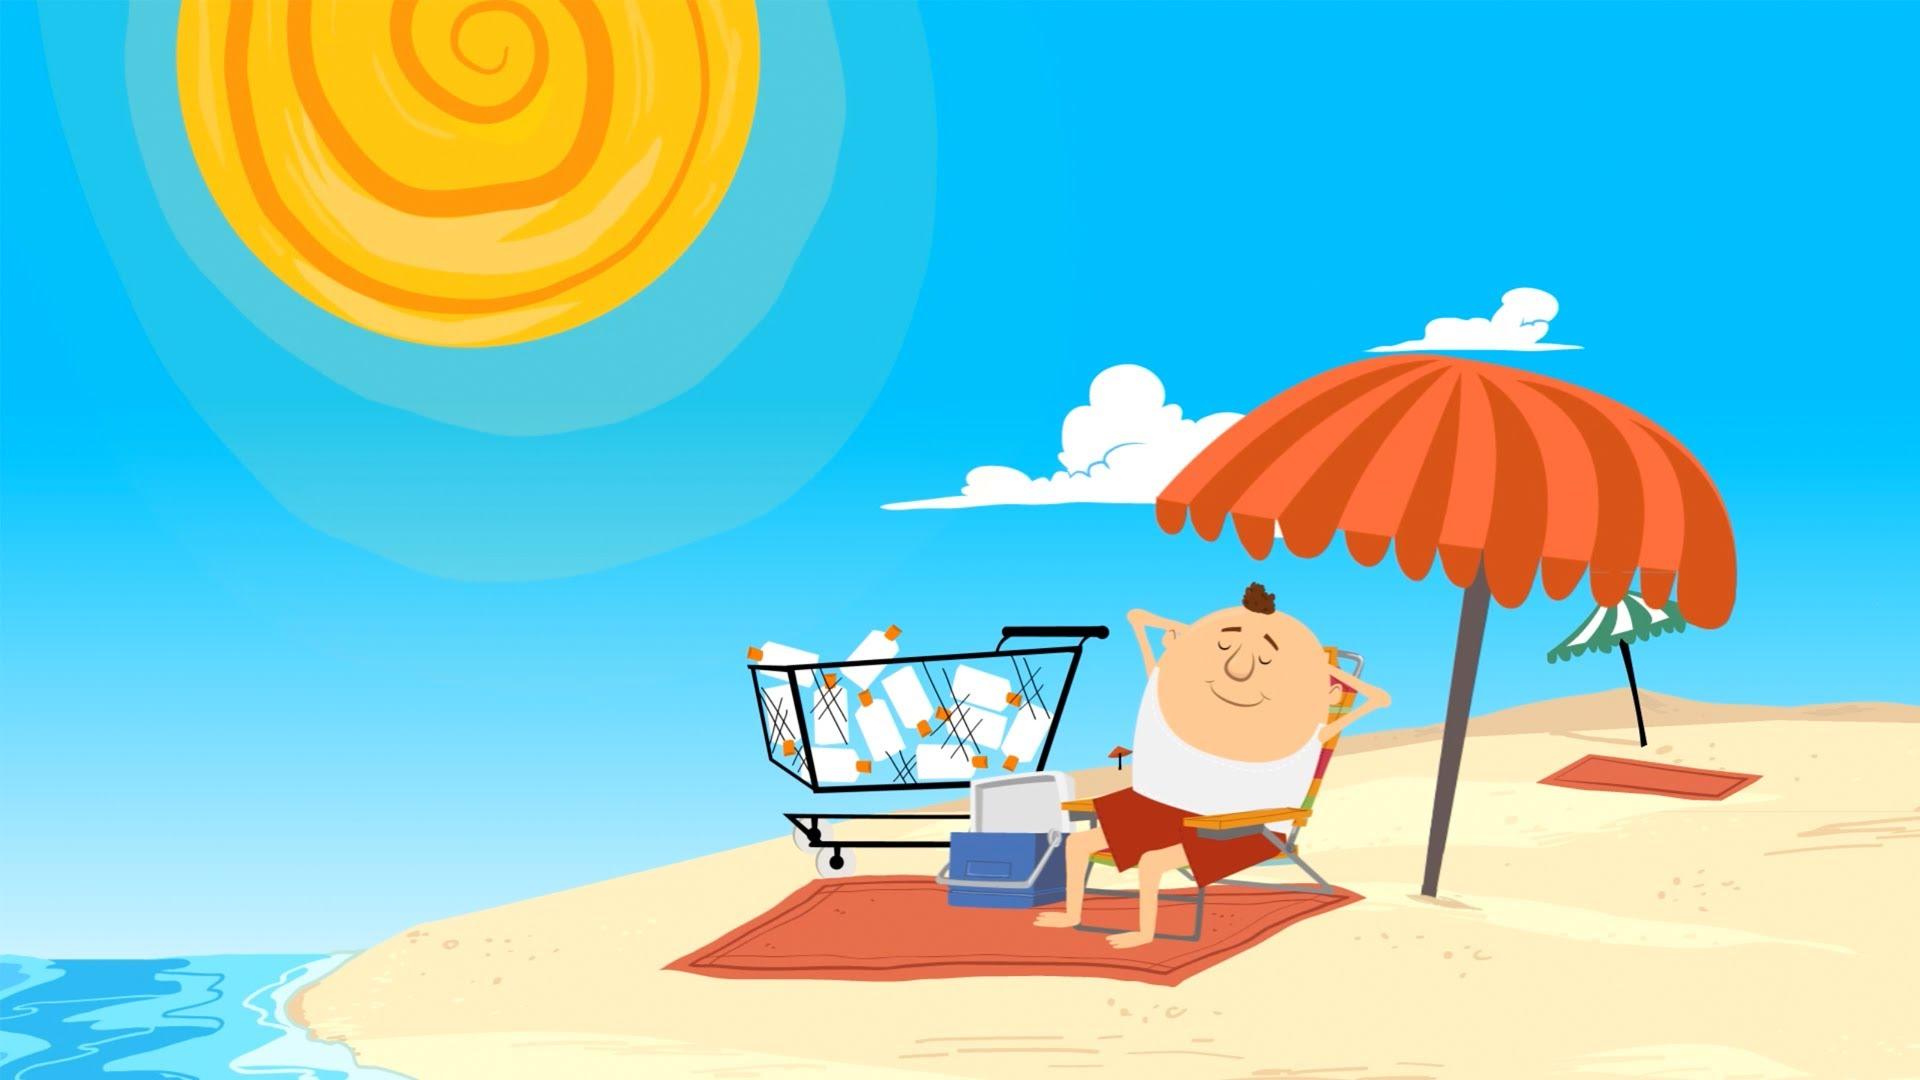 太陽毒辣辣,你防曬了嗎?